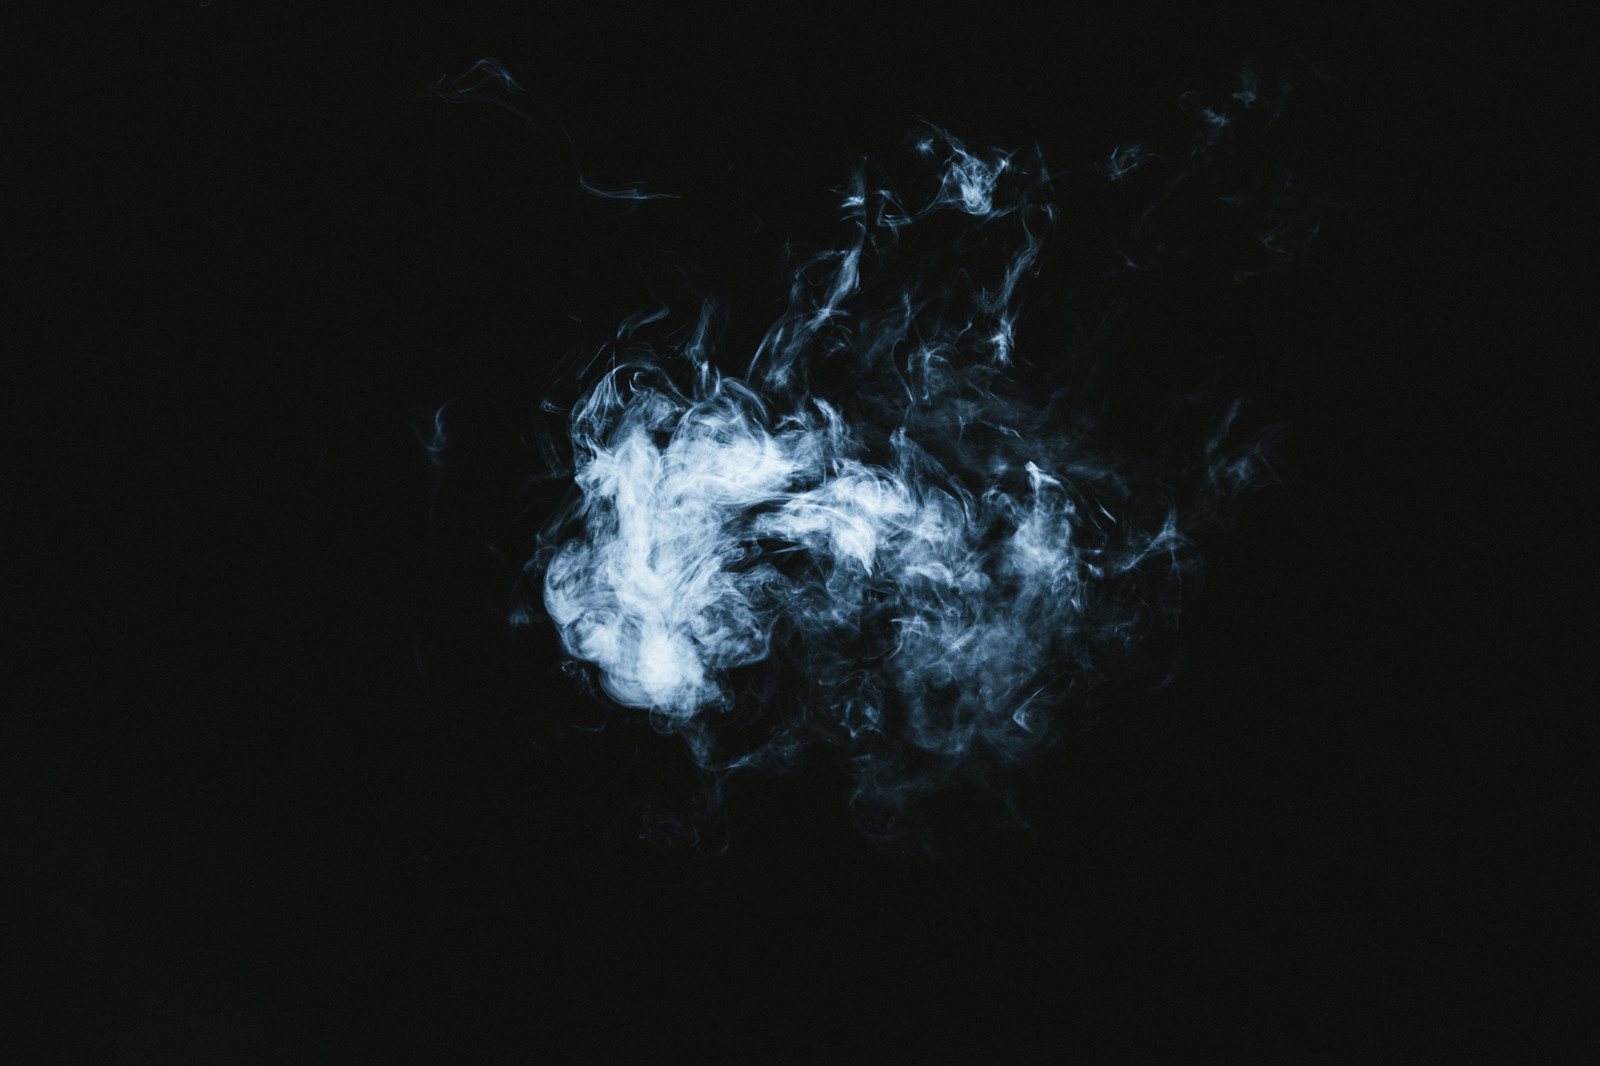 「ポワッとした煙」の写真